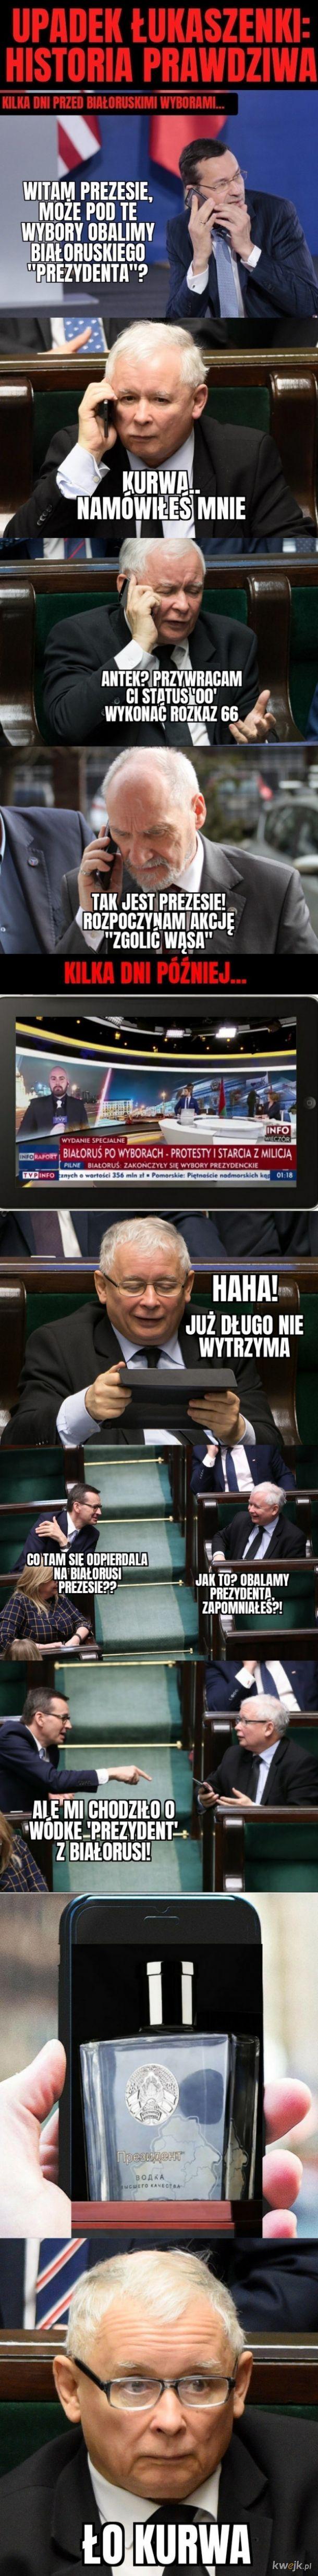 Upadek Łukaszenki